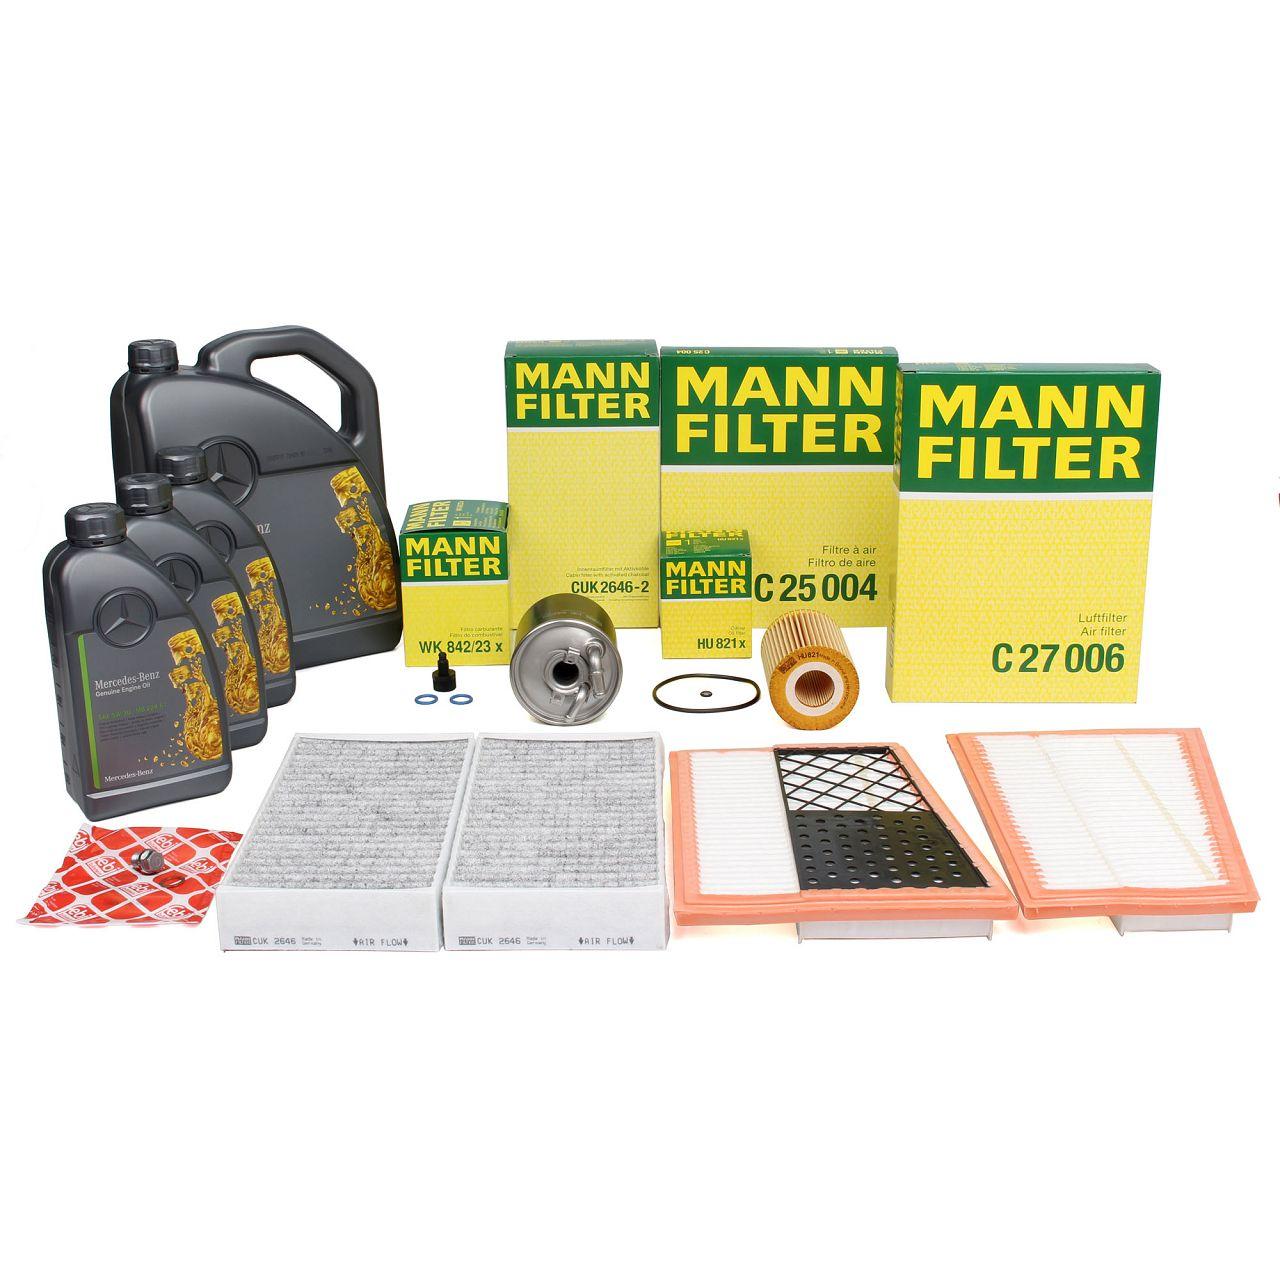 MANN Inspektionskit + 8 L ORIGINAL für Mercedes 5W30 Motoröl X164 W164 W251 V251